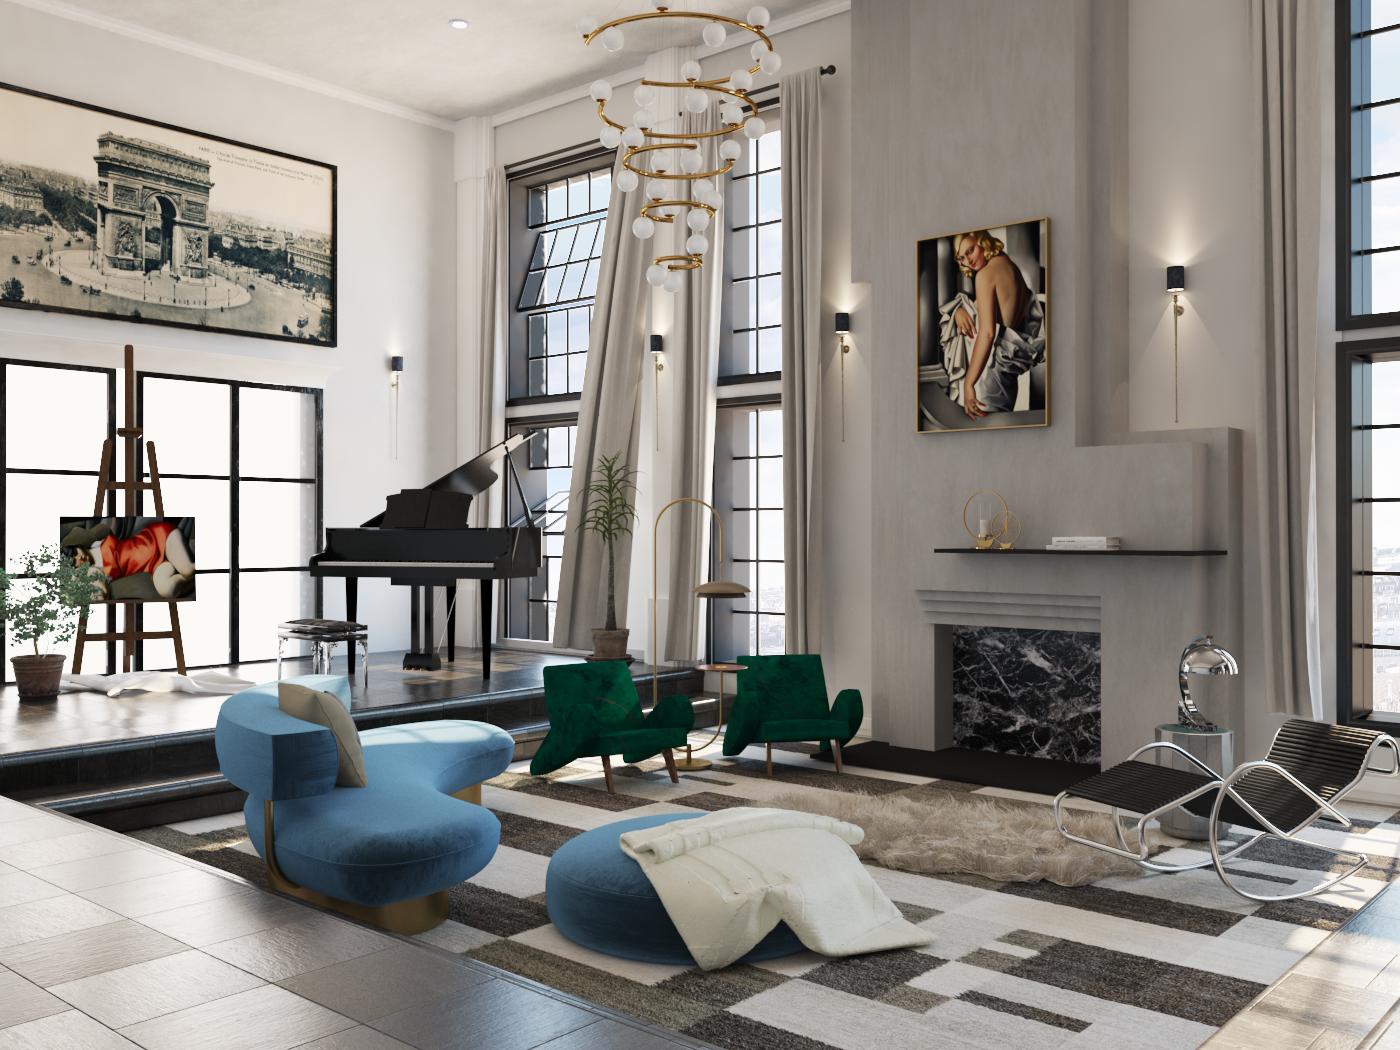 The Green Bugatti - Living Room